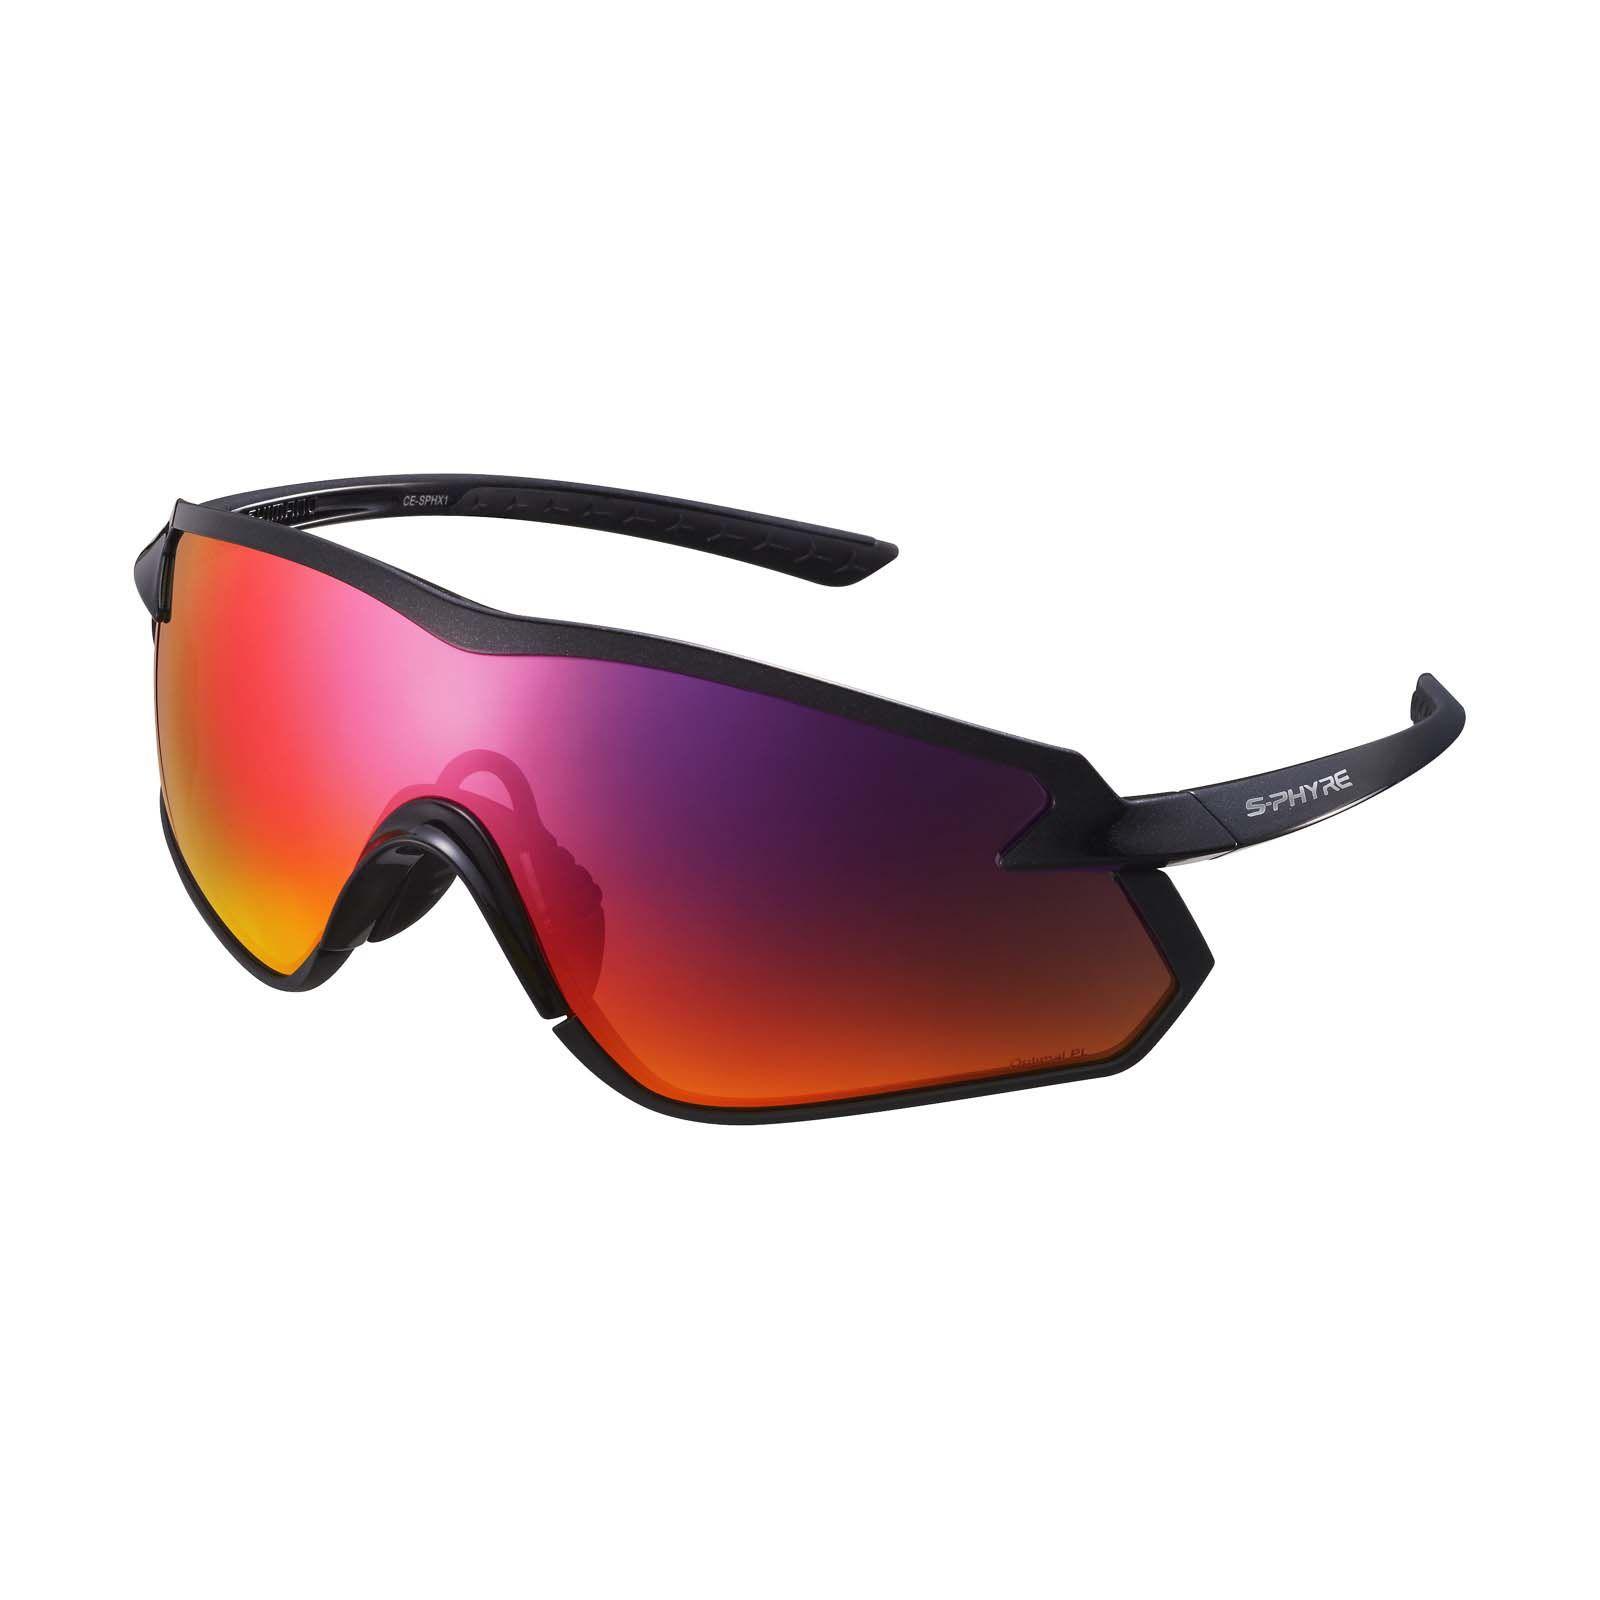 739c8338ca Nuevas gafas de ciclismo Shimano S-PHYRE R y S-PHYRE X | Productos ...